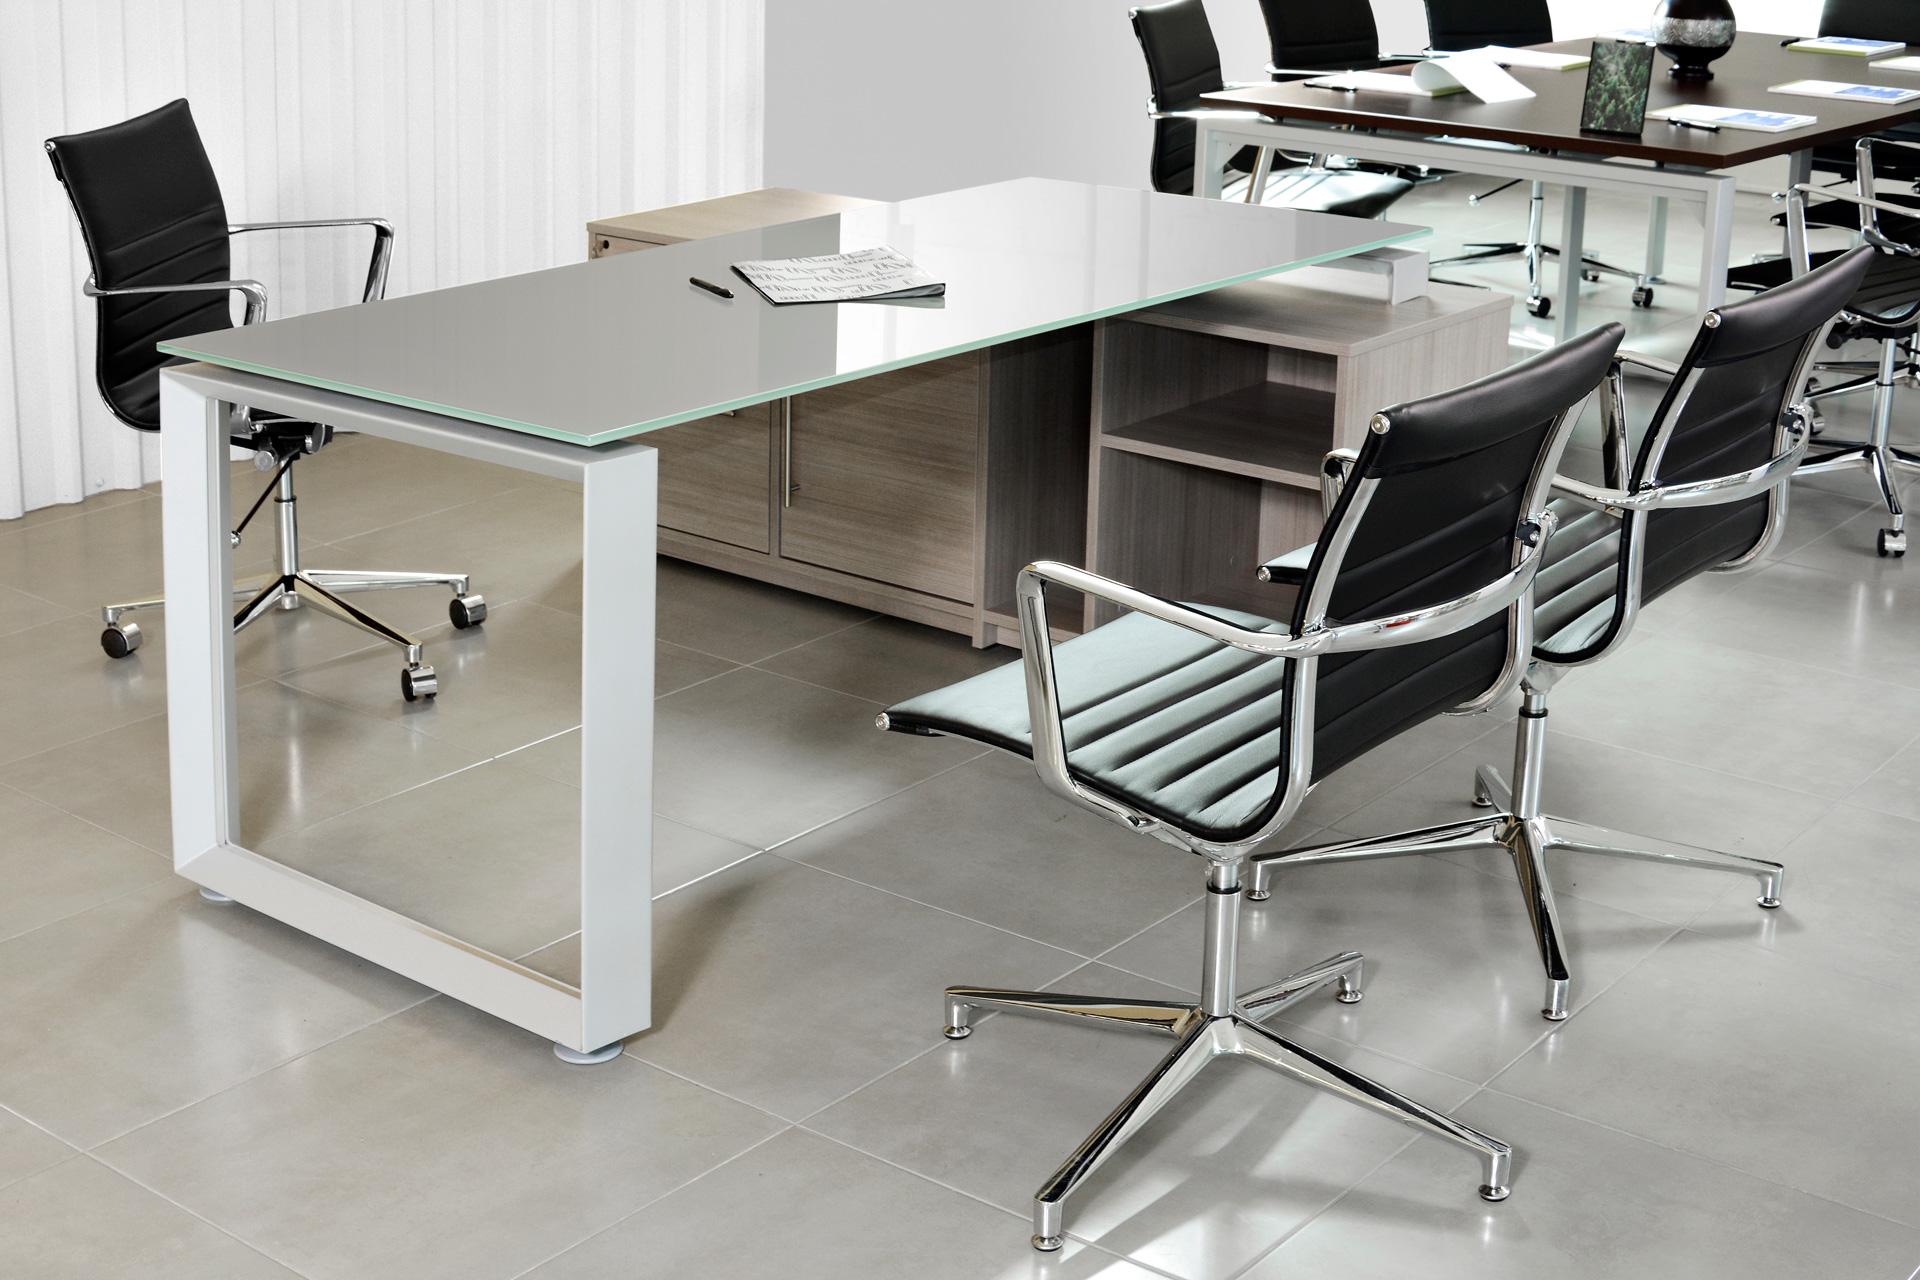 Muebles Para Oficina Queretaro 05 Muebles Para Oficina En M Xico # Muebles Queretaro